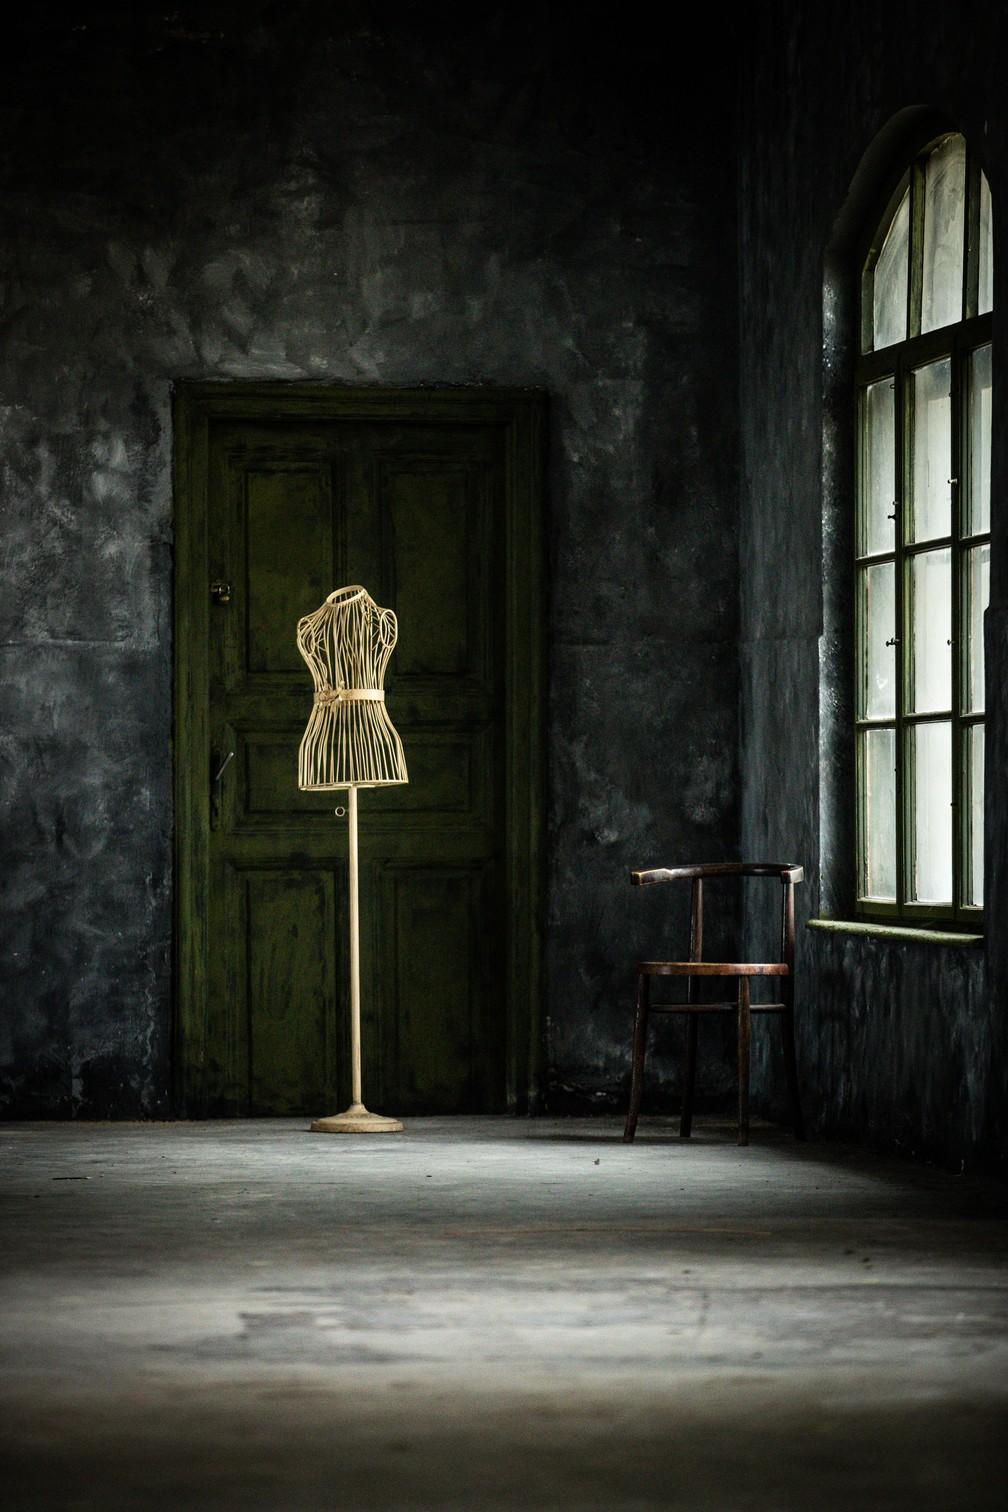 Objeto: 'Memento', manequim de um alfaiate em uma sala vazia. Para Zih, a quietude da cena evoca um sentimento de solidão e desperta memórias de lockdown — Foto: Kata Zih (Hungria)/Sony World Photography Awards